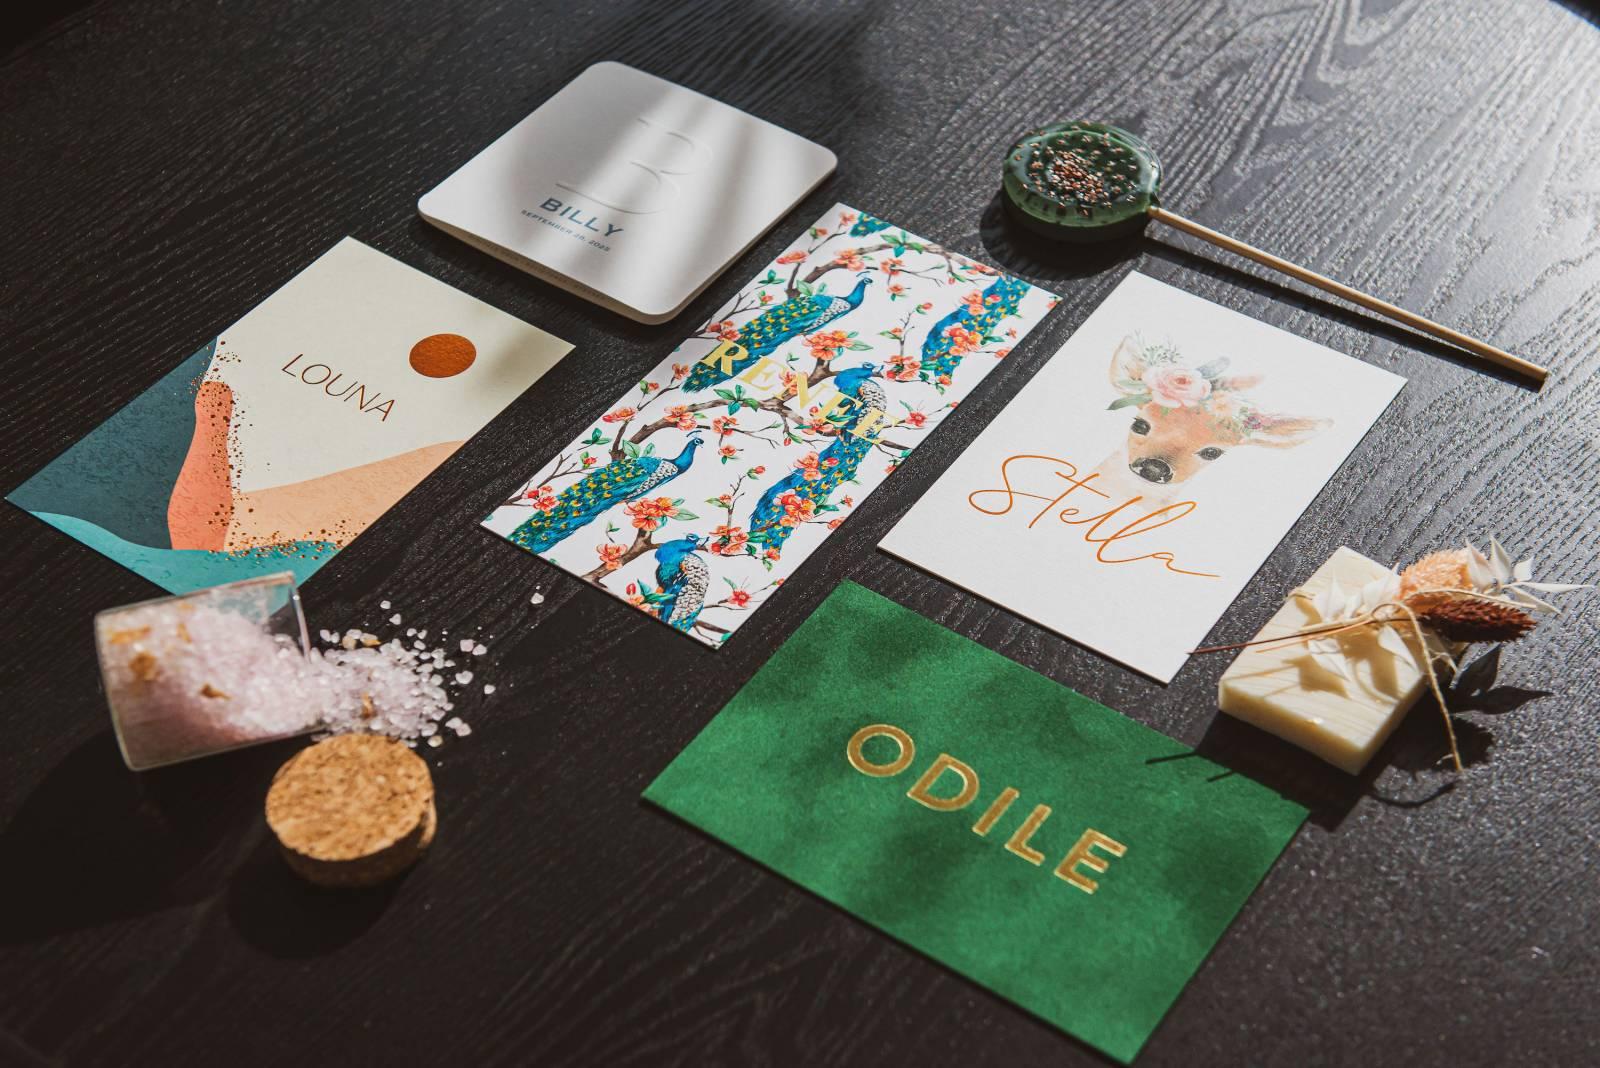 Atelier Maurice - Celien Decloedt - Trouwuitnodigingen en drukwerk - House of Weddings 11